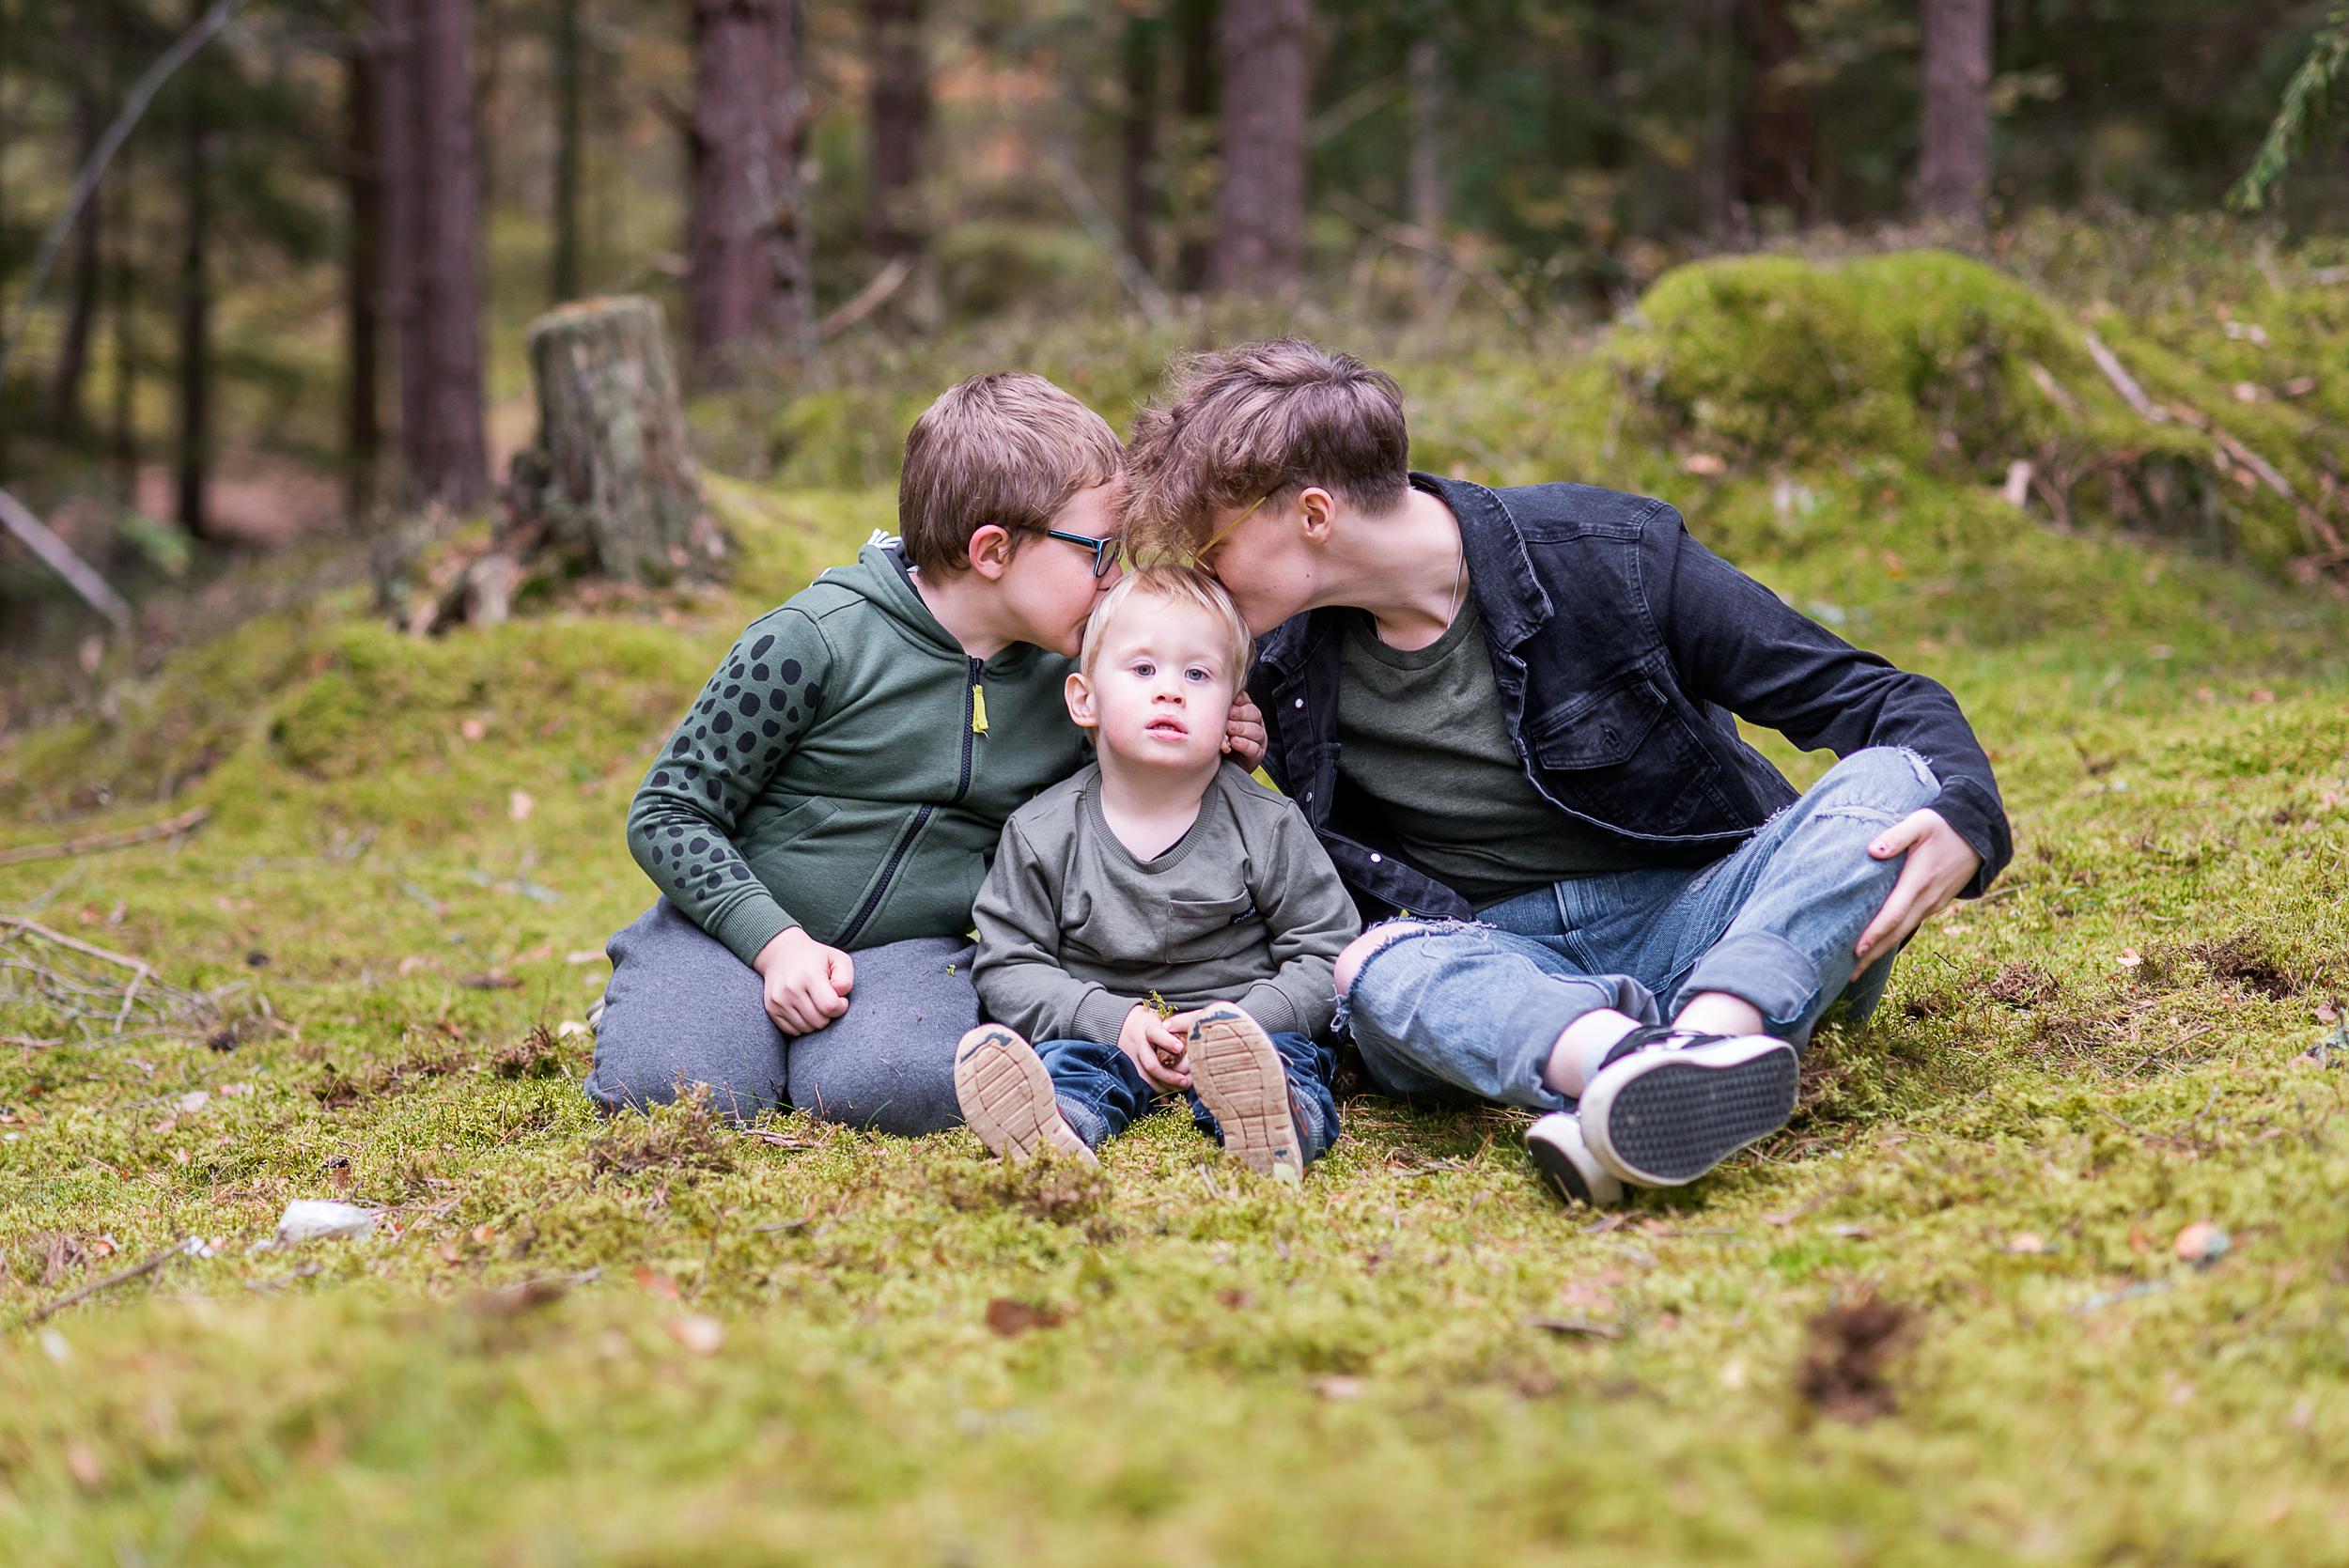 Barn- och familjefotografering • Matilda Wik Fotografi